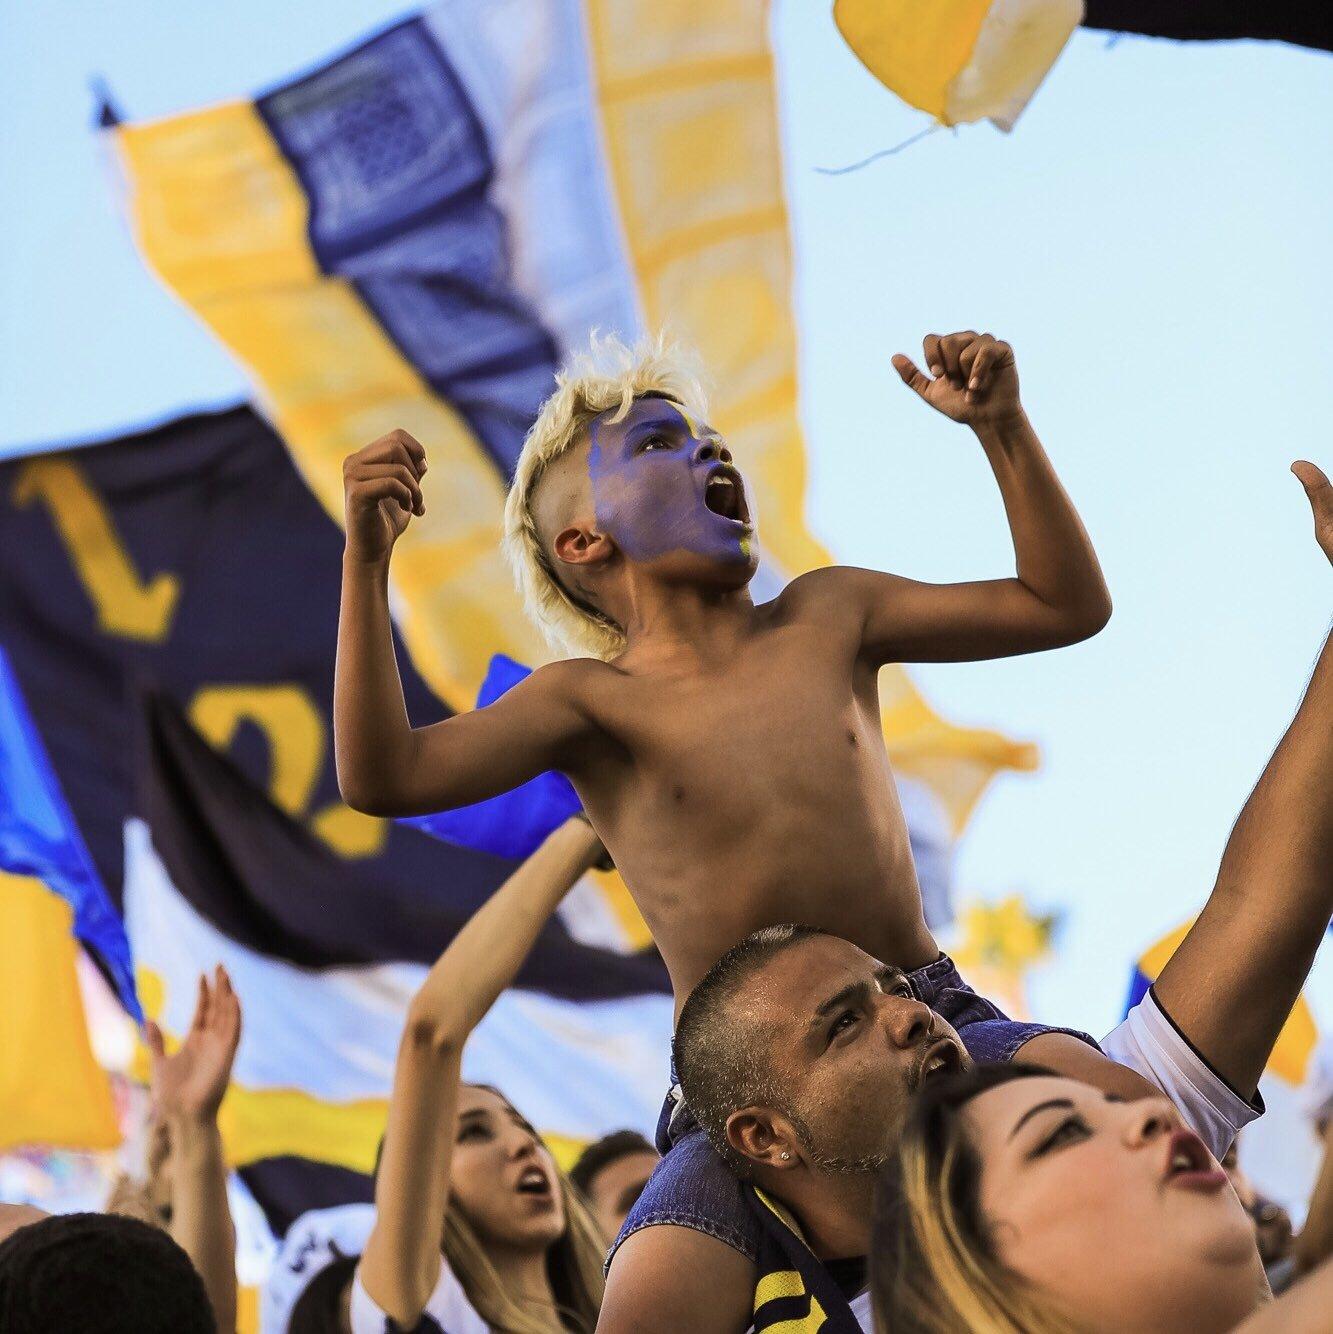 """Фото дня: эмоции юного фаната """"Лос-Анджелес Гэлакси"""" - изображение 1"""